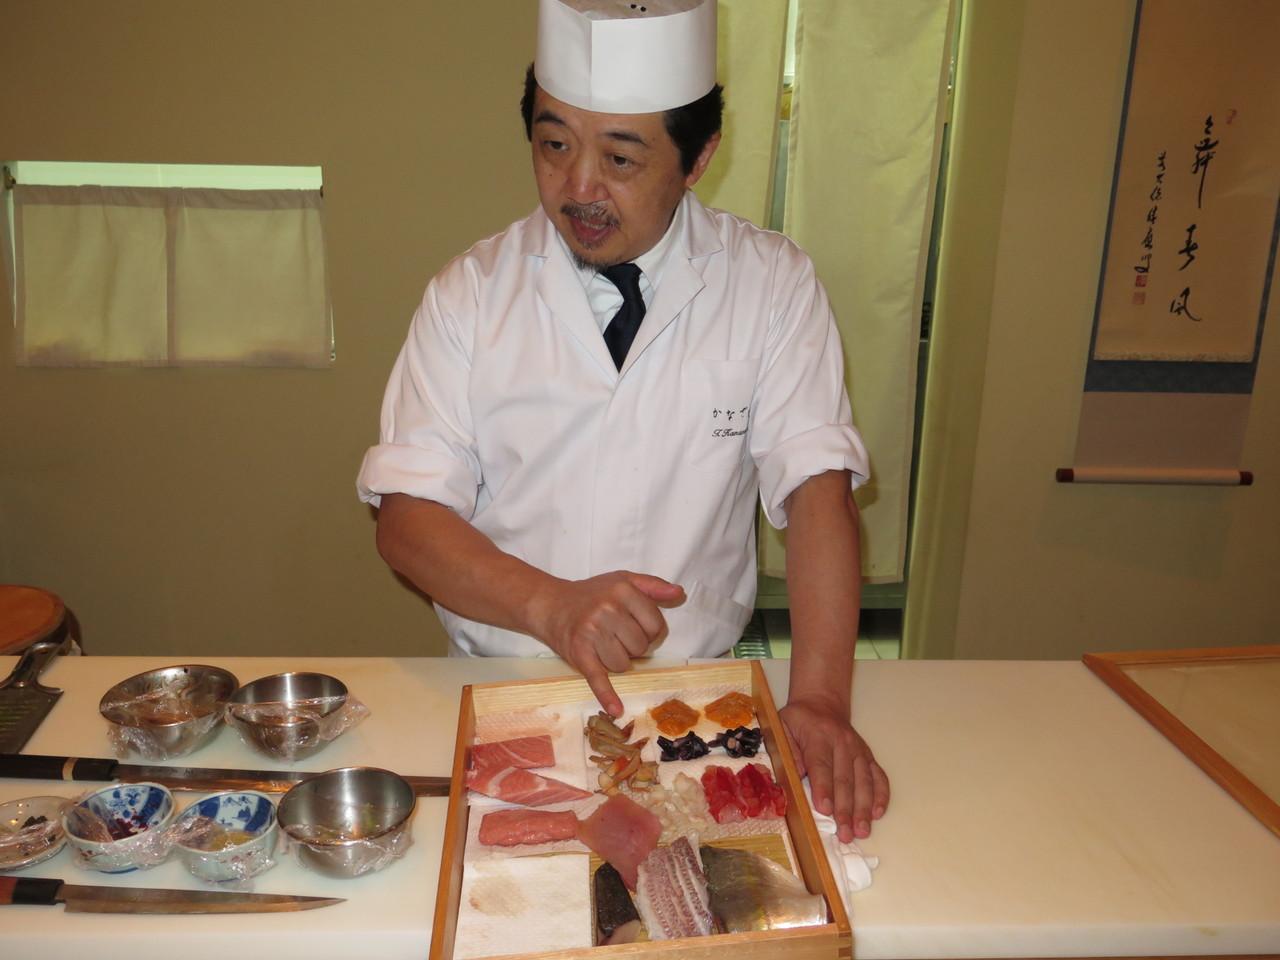 Tomoaki Kanazawa apresentando o peixe e marisco do dia